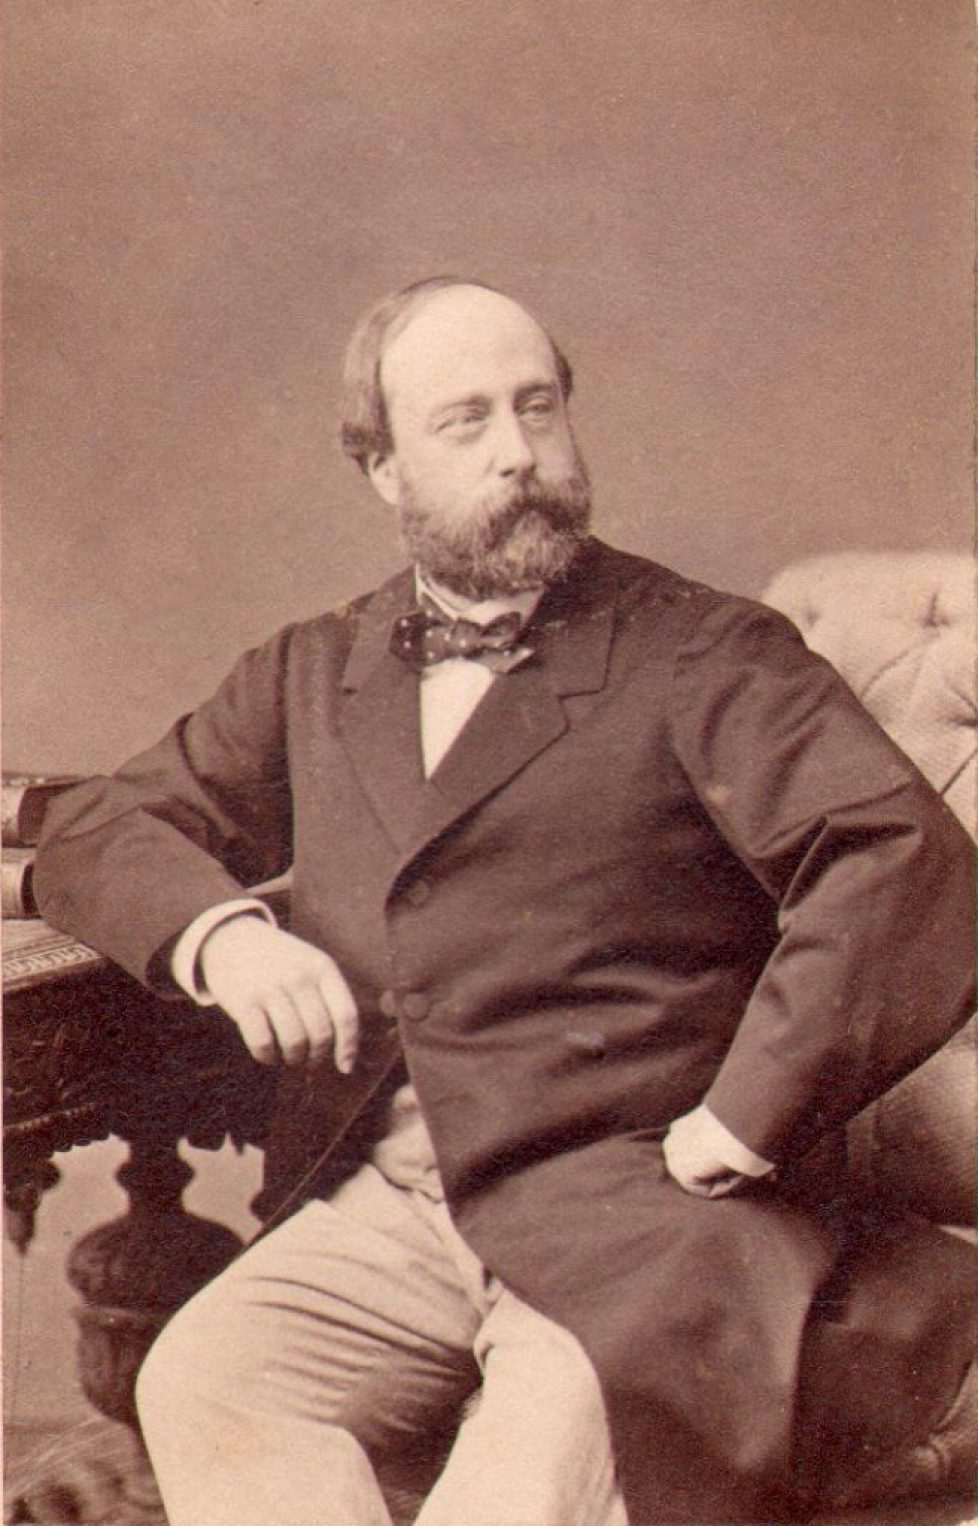 Comte-de-chambord